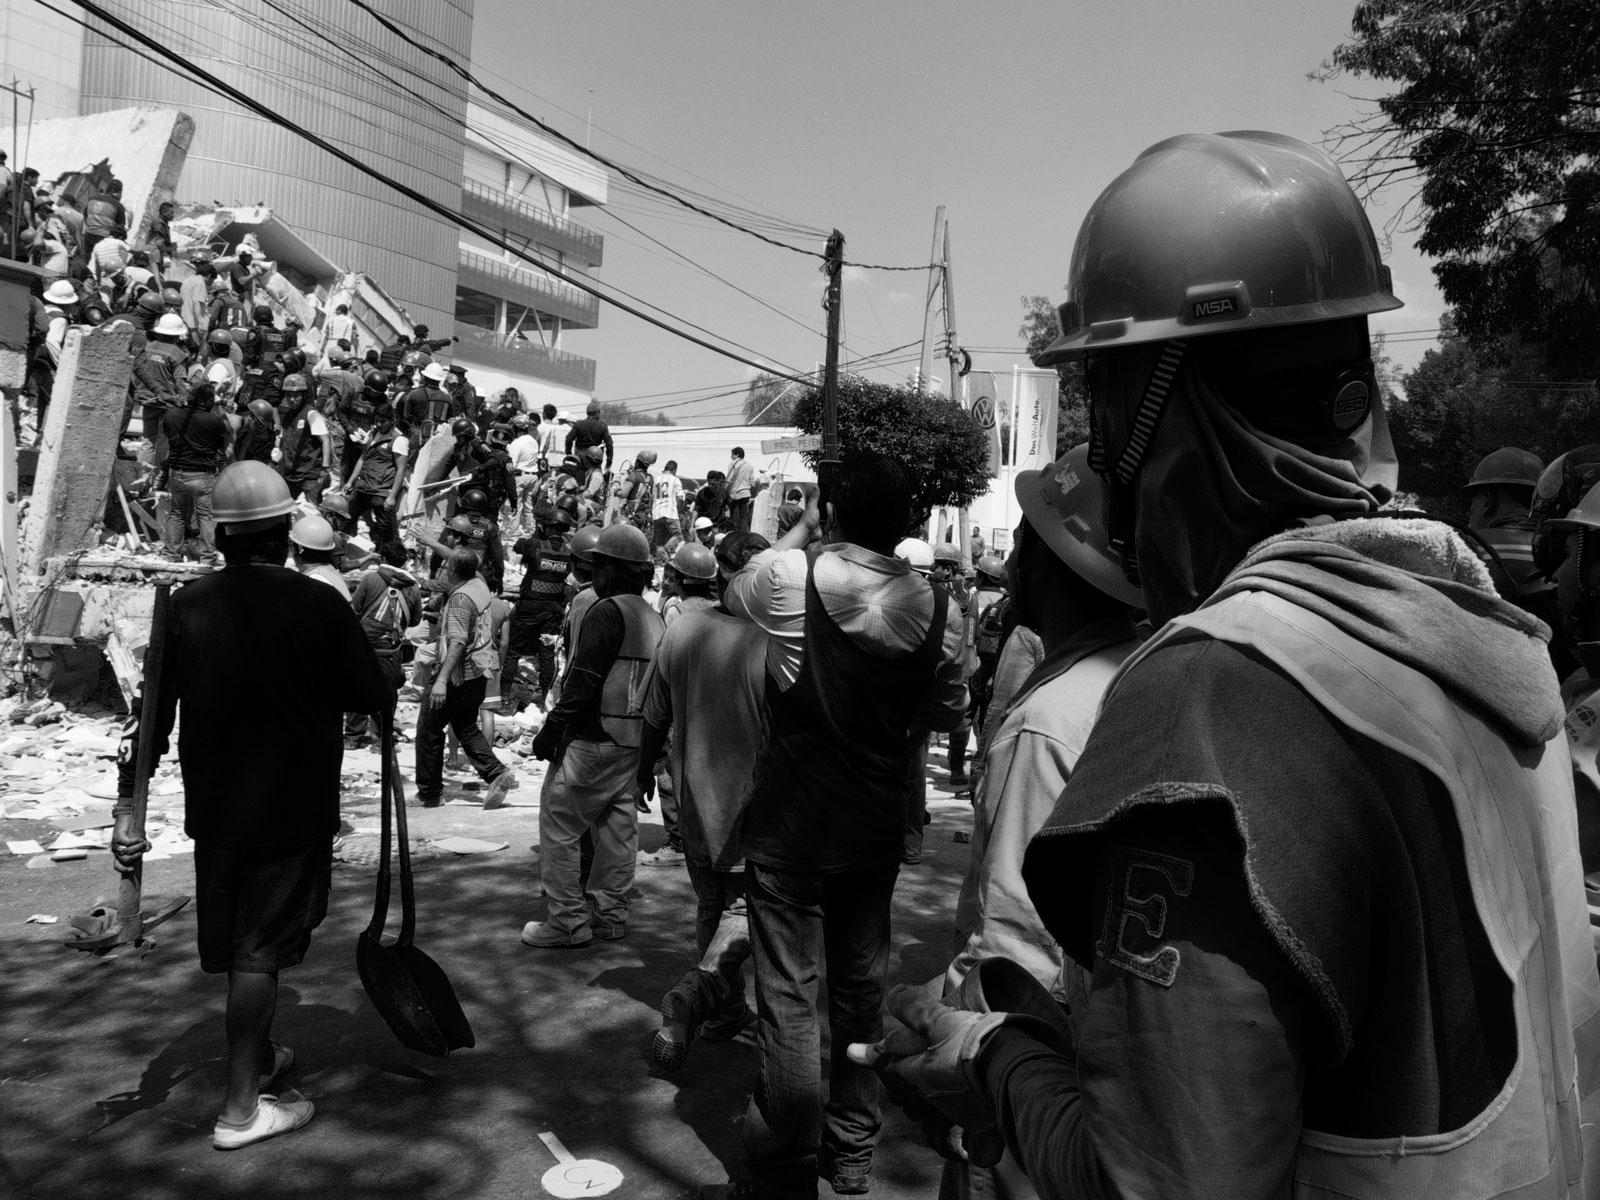 19/9/2017. Col. del Valle, CDMX. Argel Ahumada.